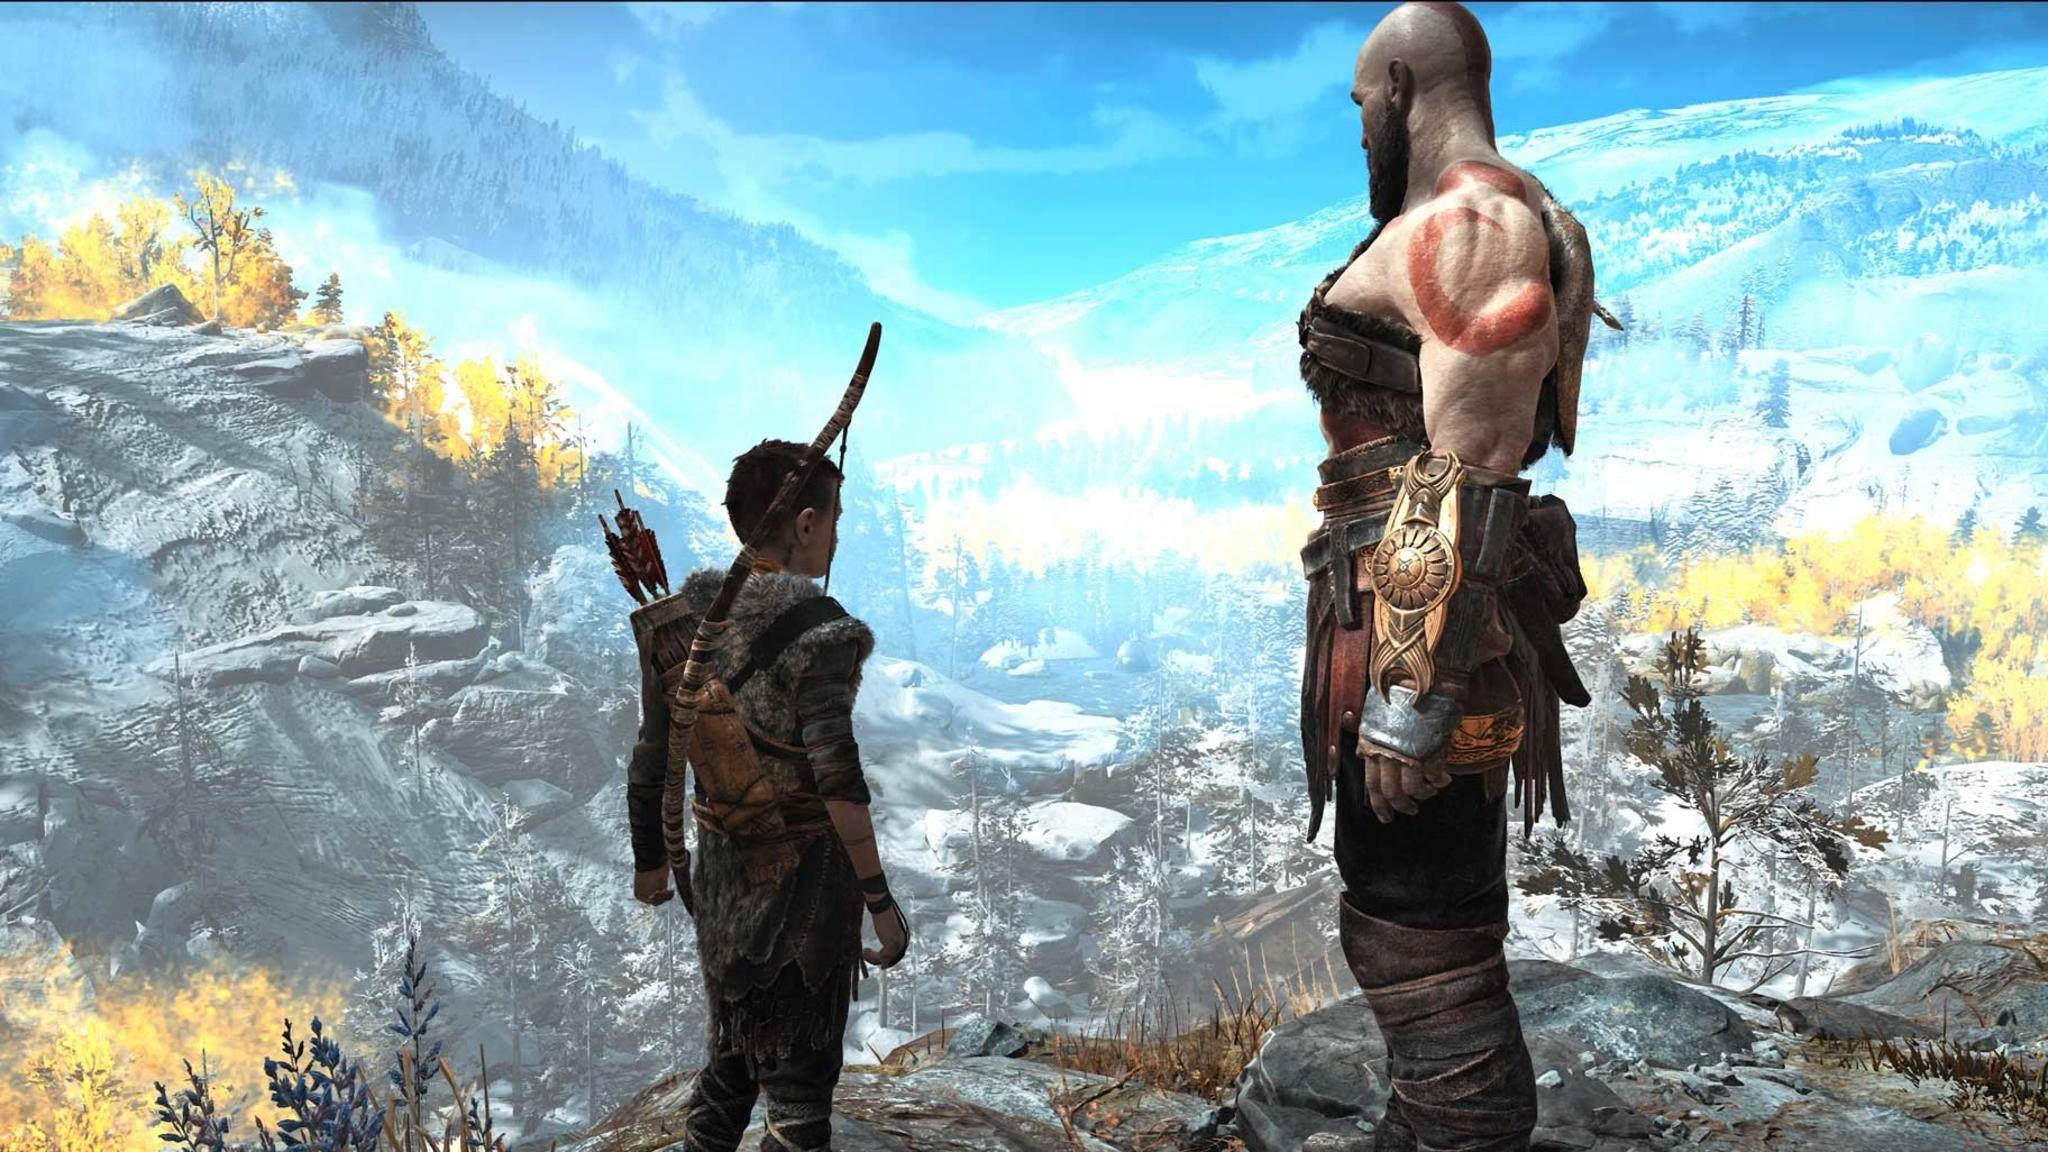 Kratos und Kollegen haben dafür gesorgt, dass die PS4-Verkäufe im ersten Quartal nur minimal zurückgegangen sind.